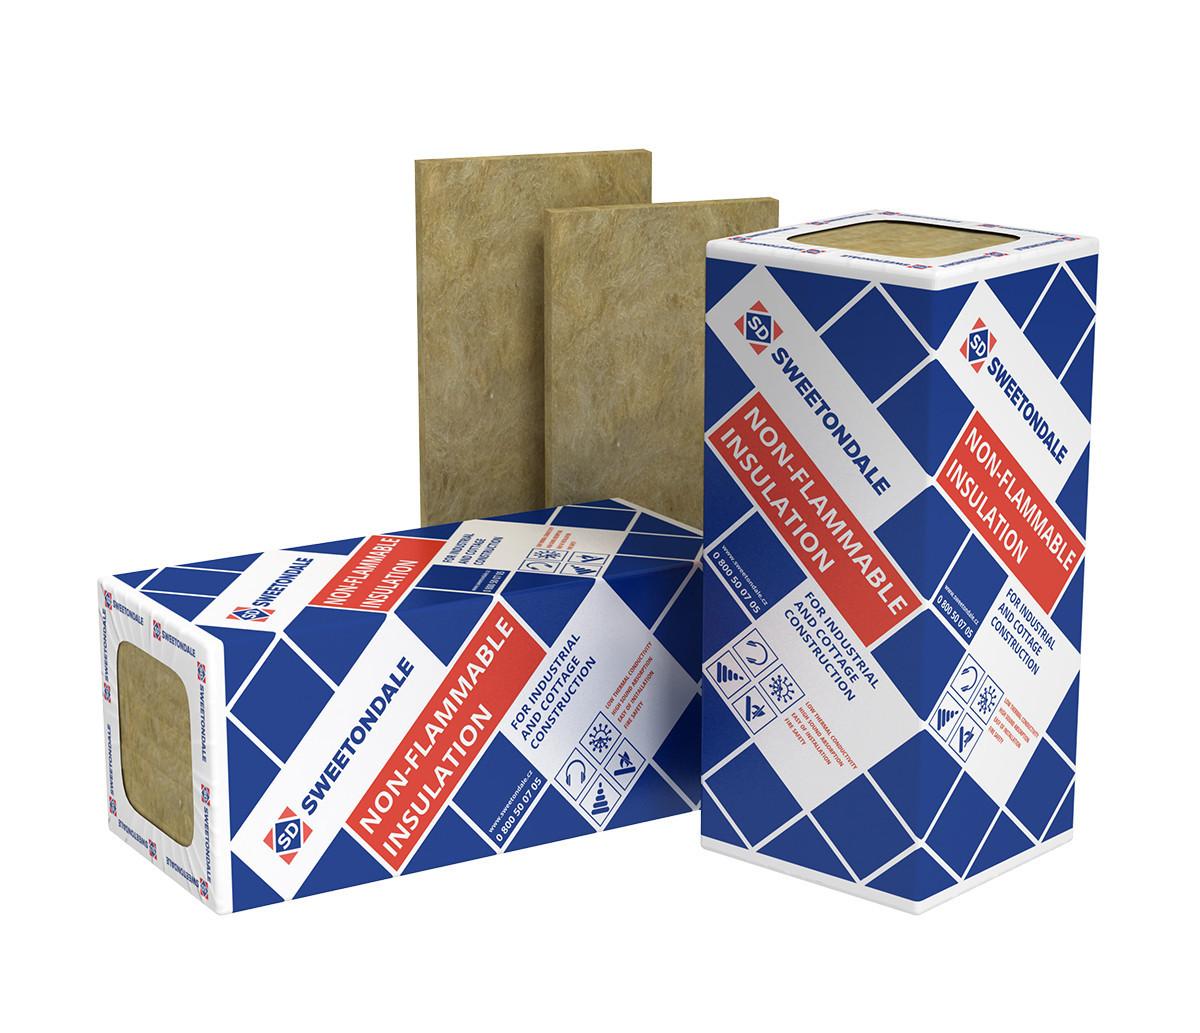 ТЕХНОРУФ В ЭКСТРА 40 мм утеплитель ТехноНиколь (Sweetondale) для плоской кровли и полов